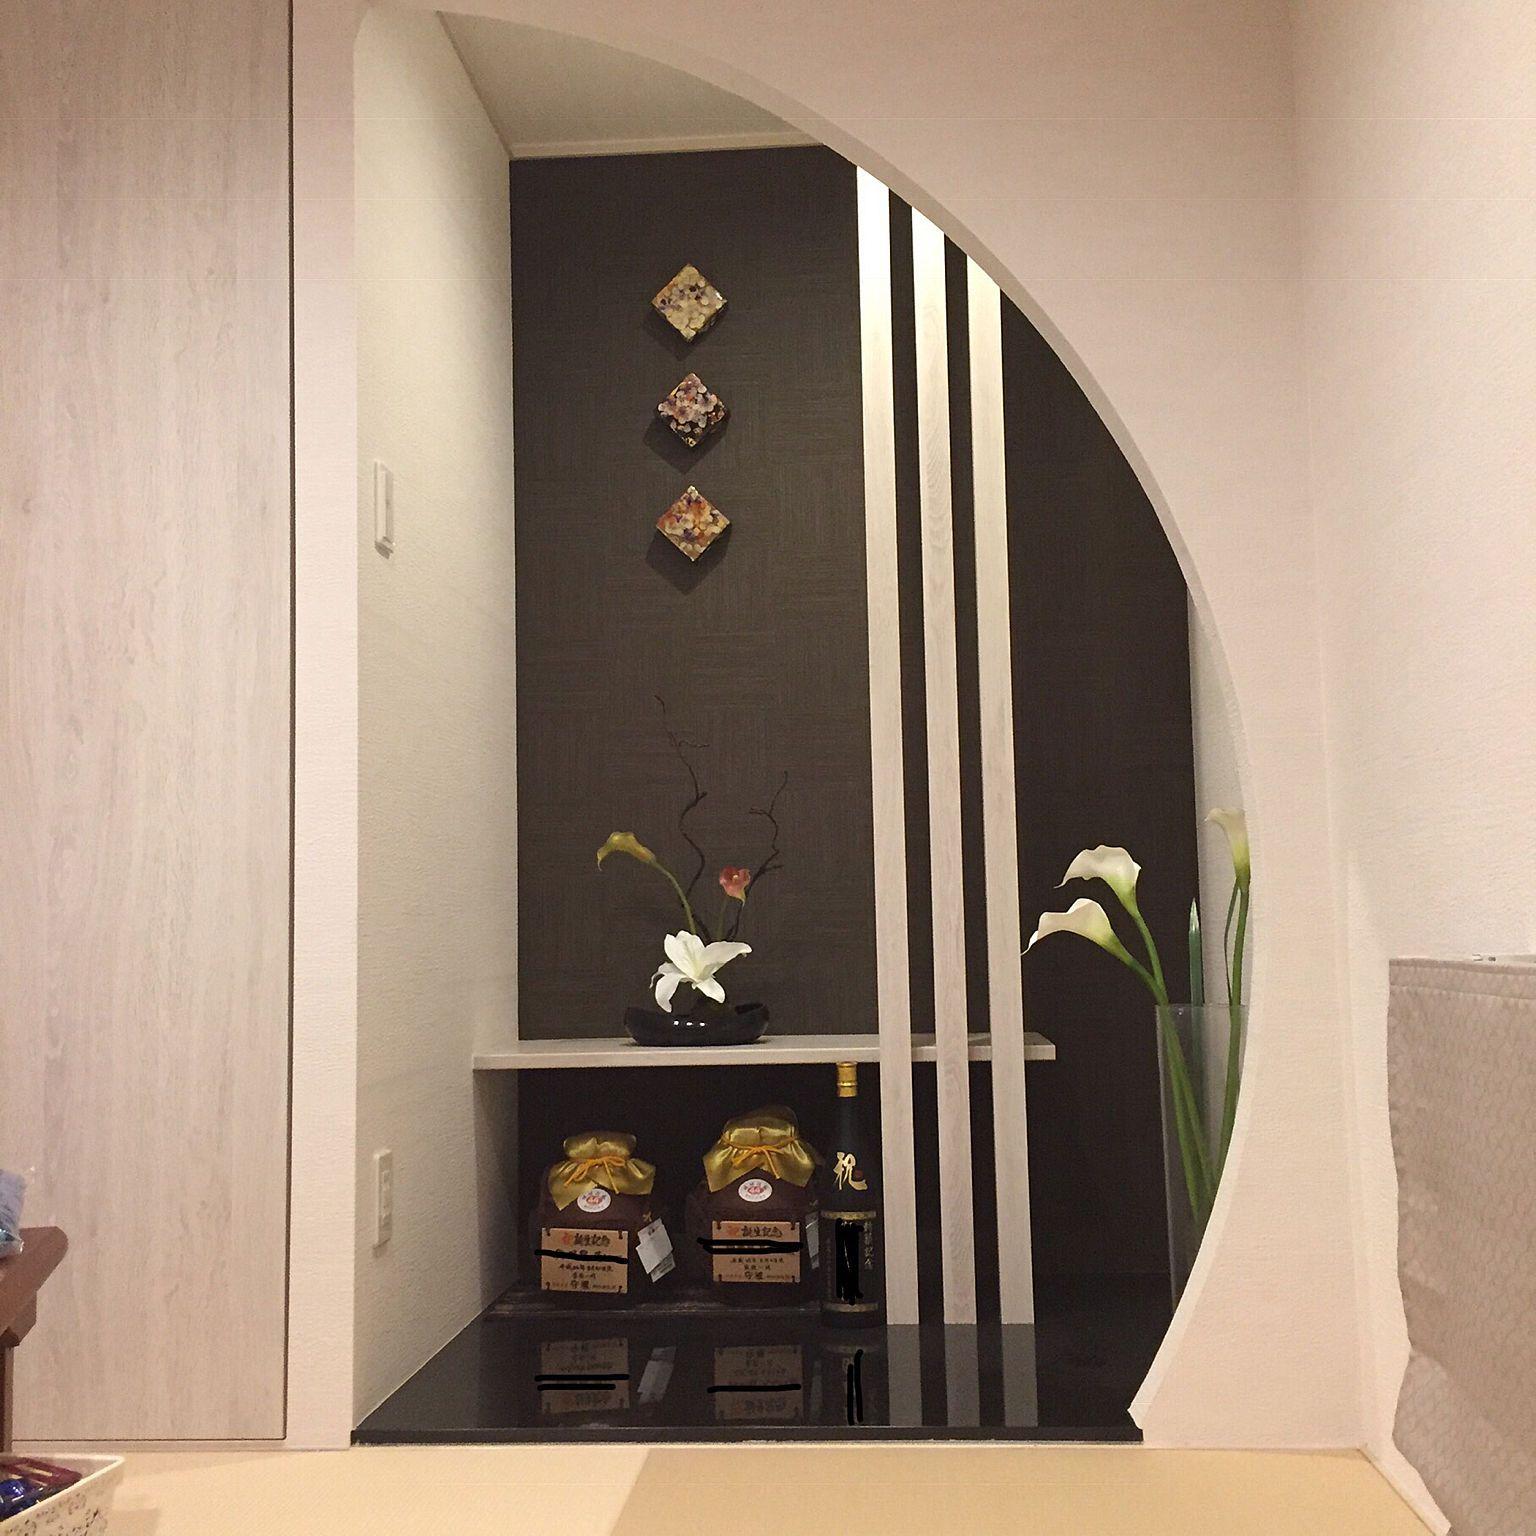 部屋全体 床の間 アリカワコウヘイ アートのある部屋のインテリア実例 2018 10 12 20 12 11 Roomclip ルームクリップ 部屋 インテリア インテリア 床の間